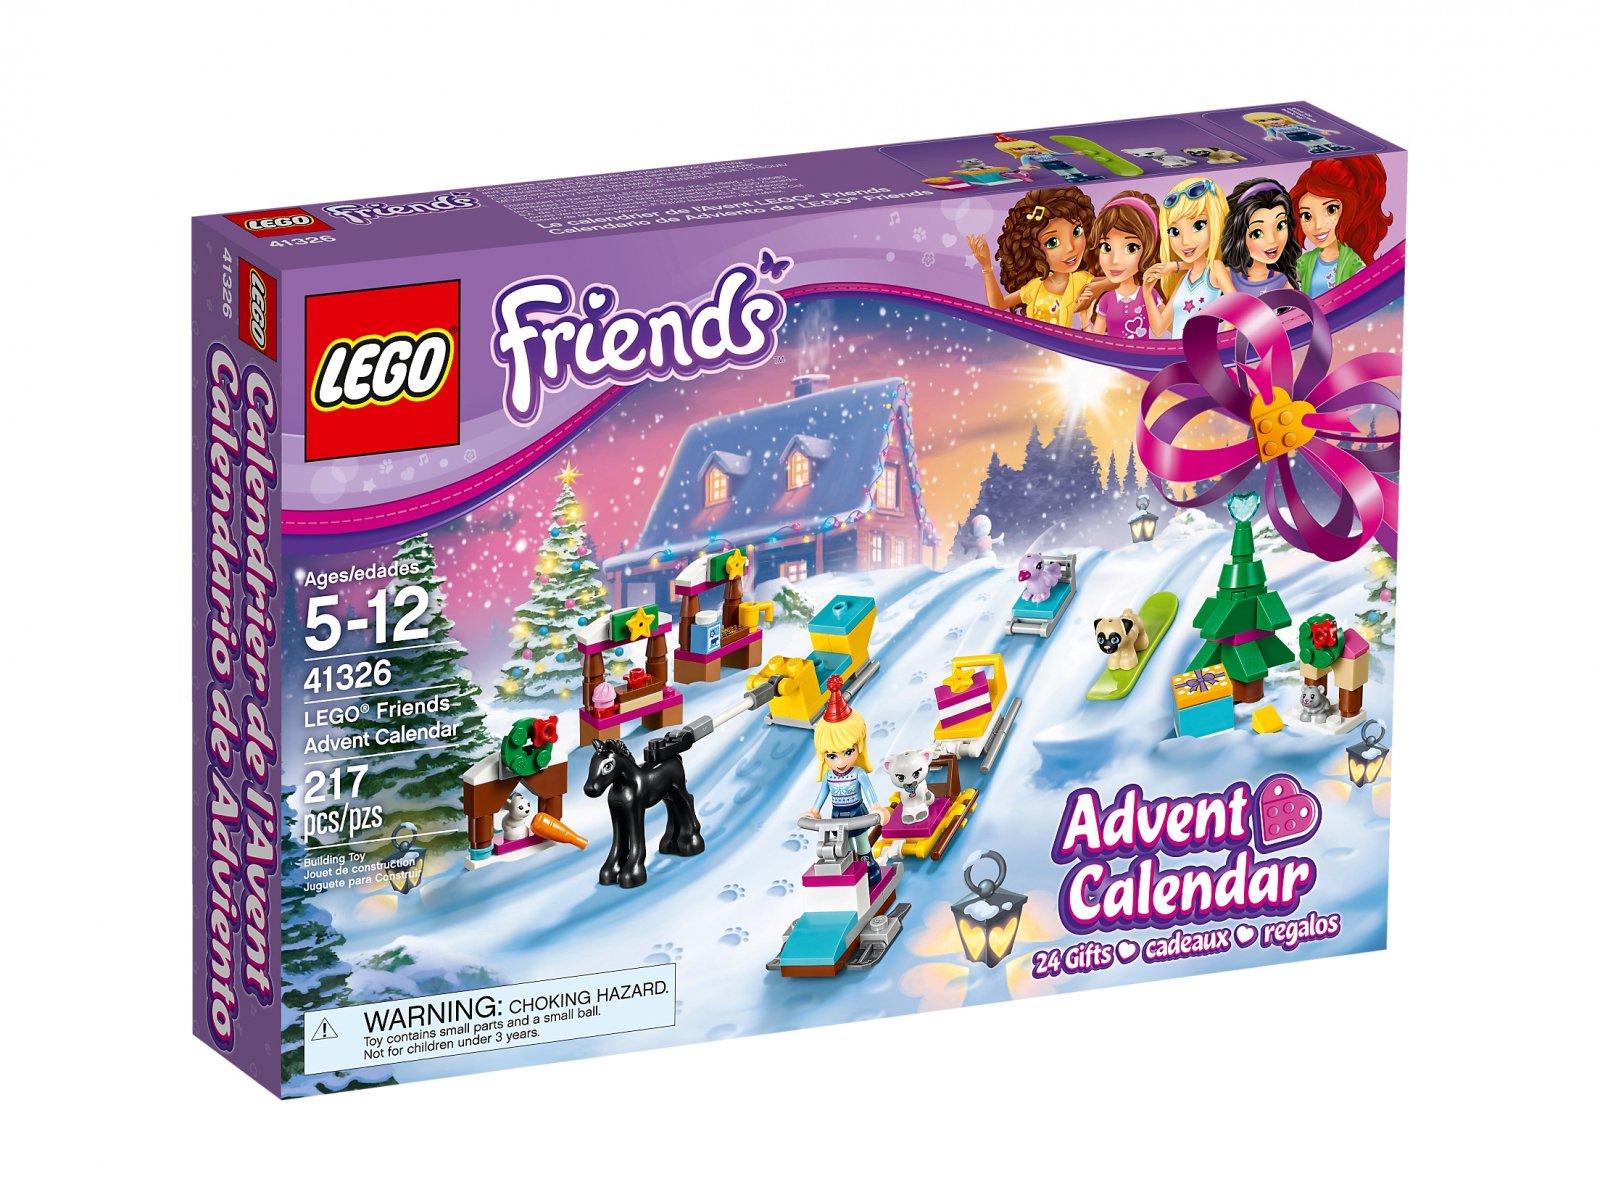 Lego 41326 Friends Kalendarz Adwentowy Zklockówpl